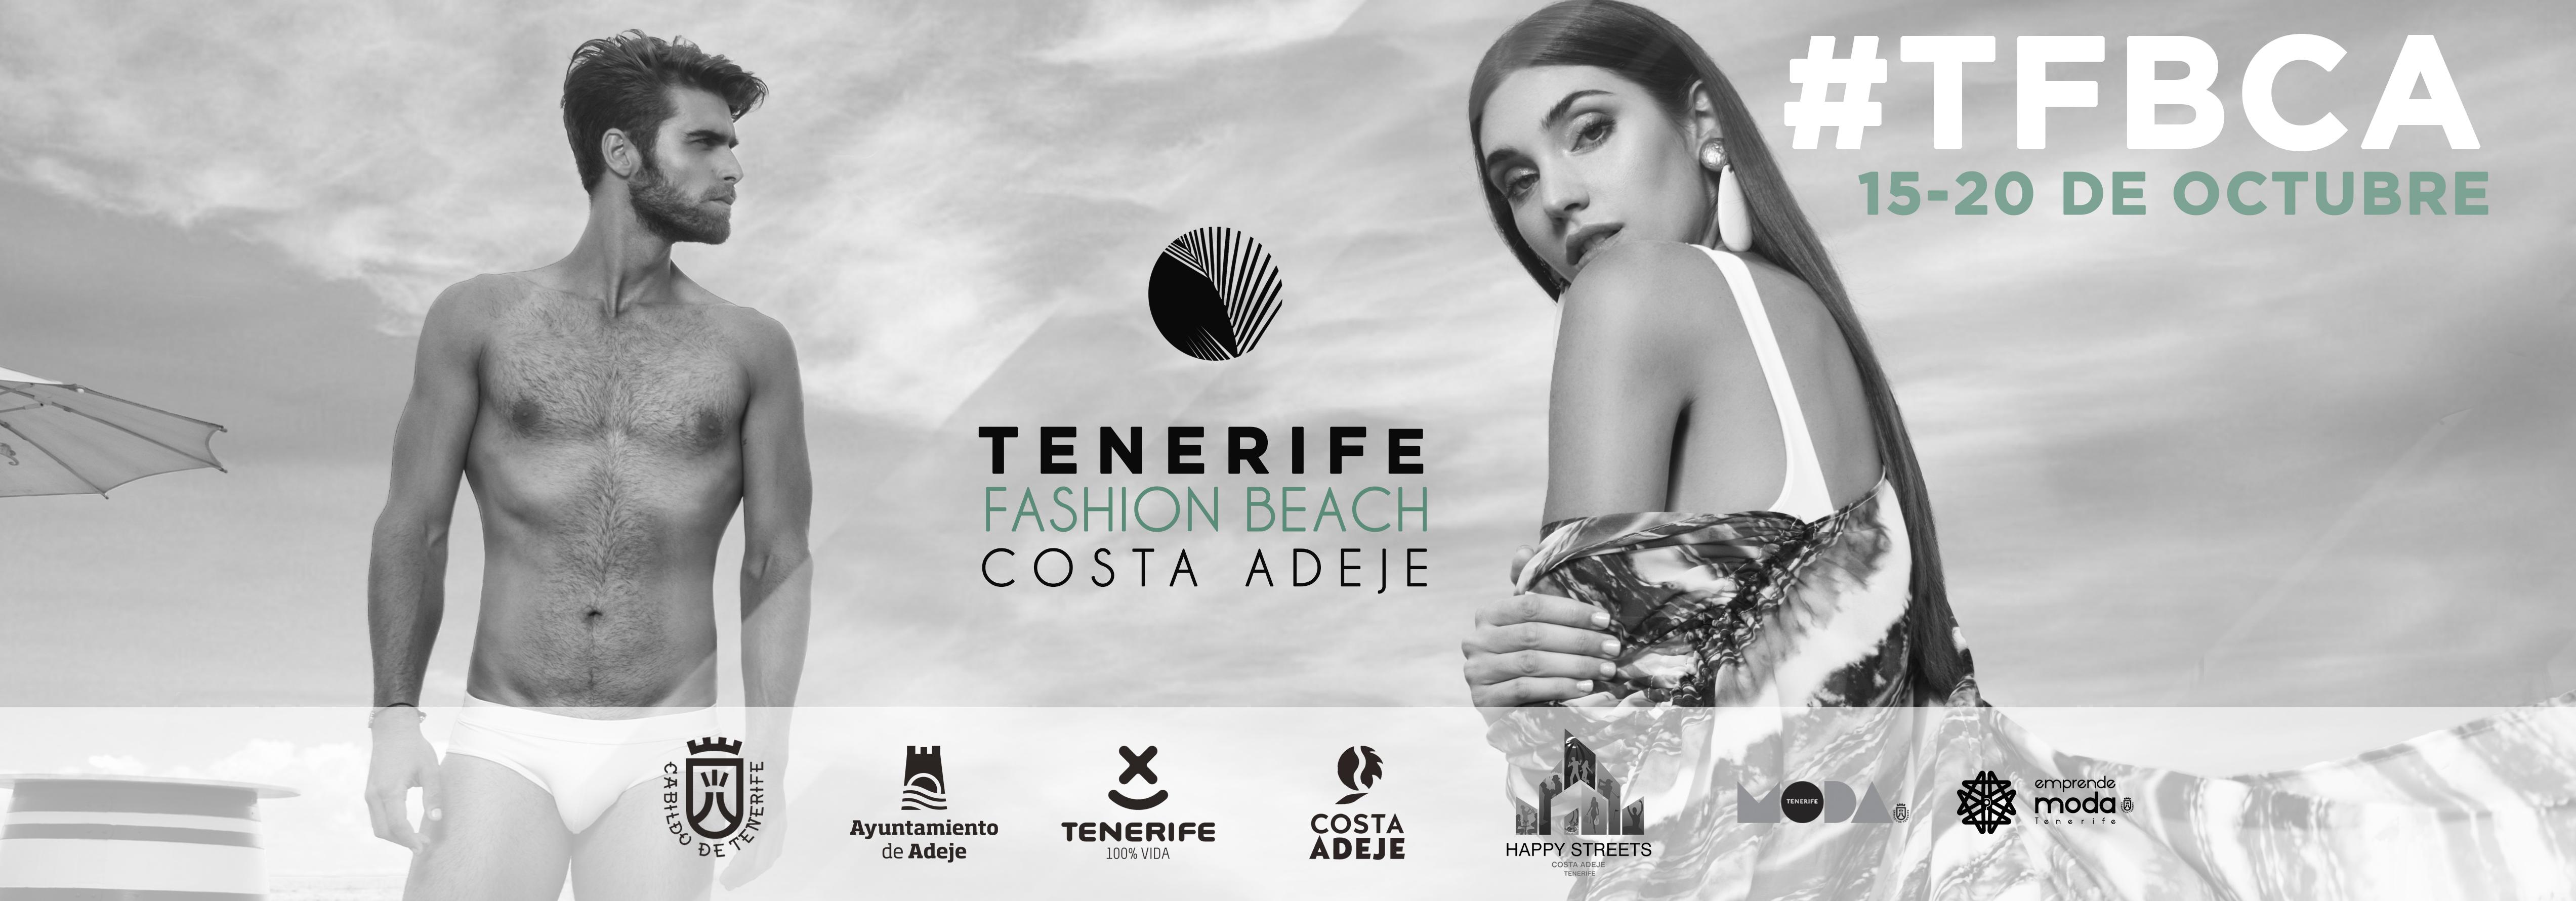 Todos los detalles de la 'Tenerife Fashion Beach Costa Adeje' 2018